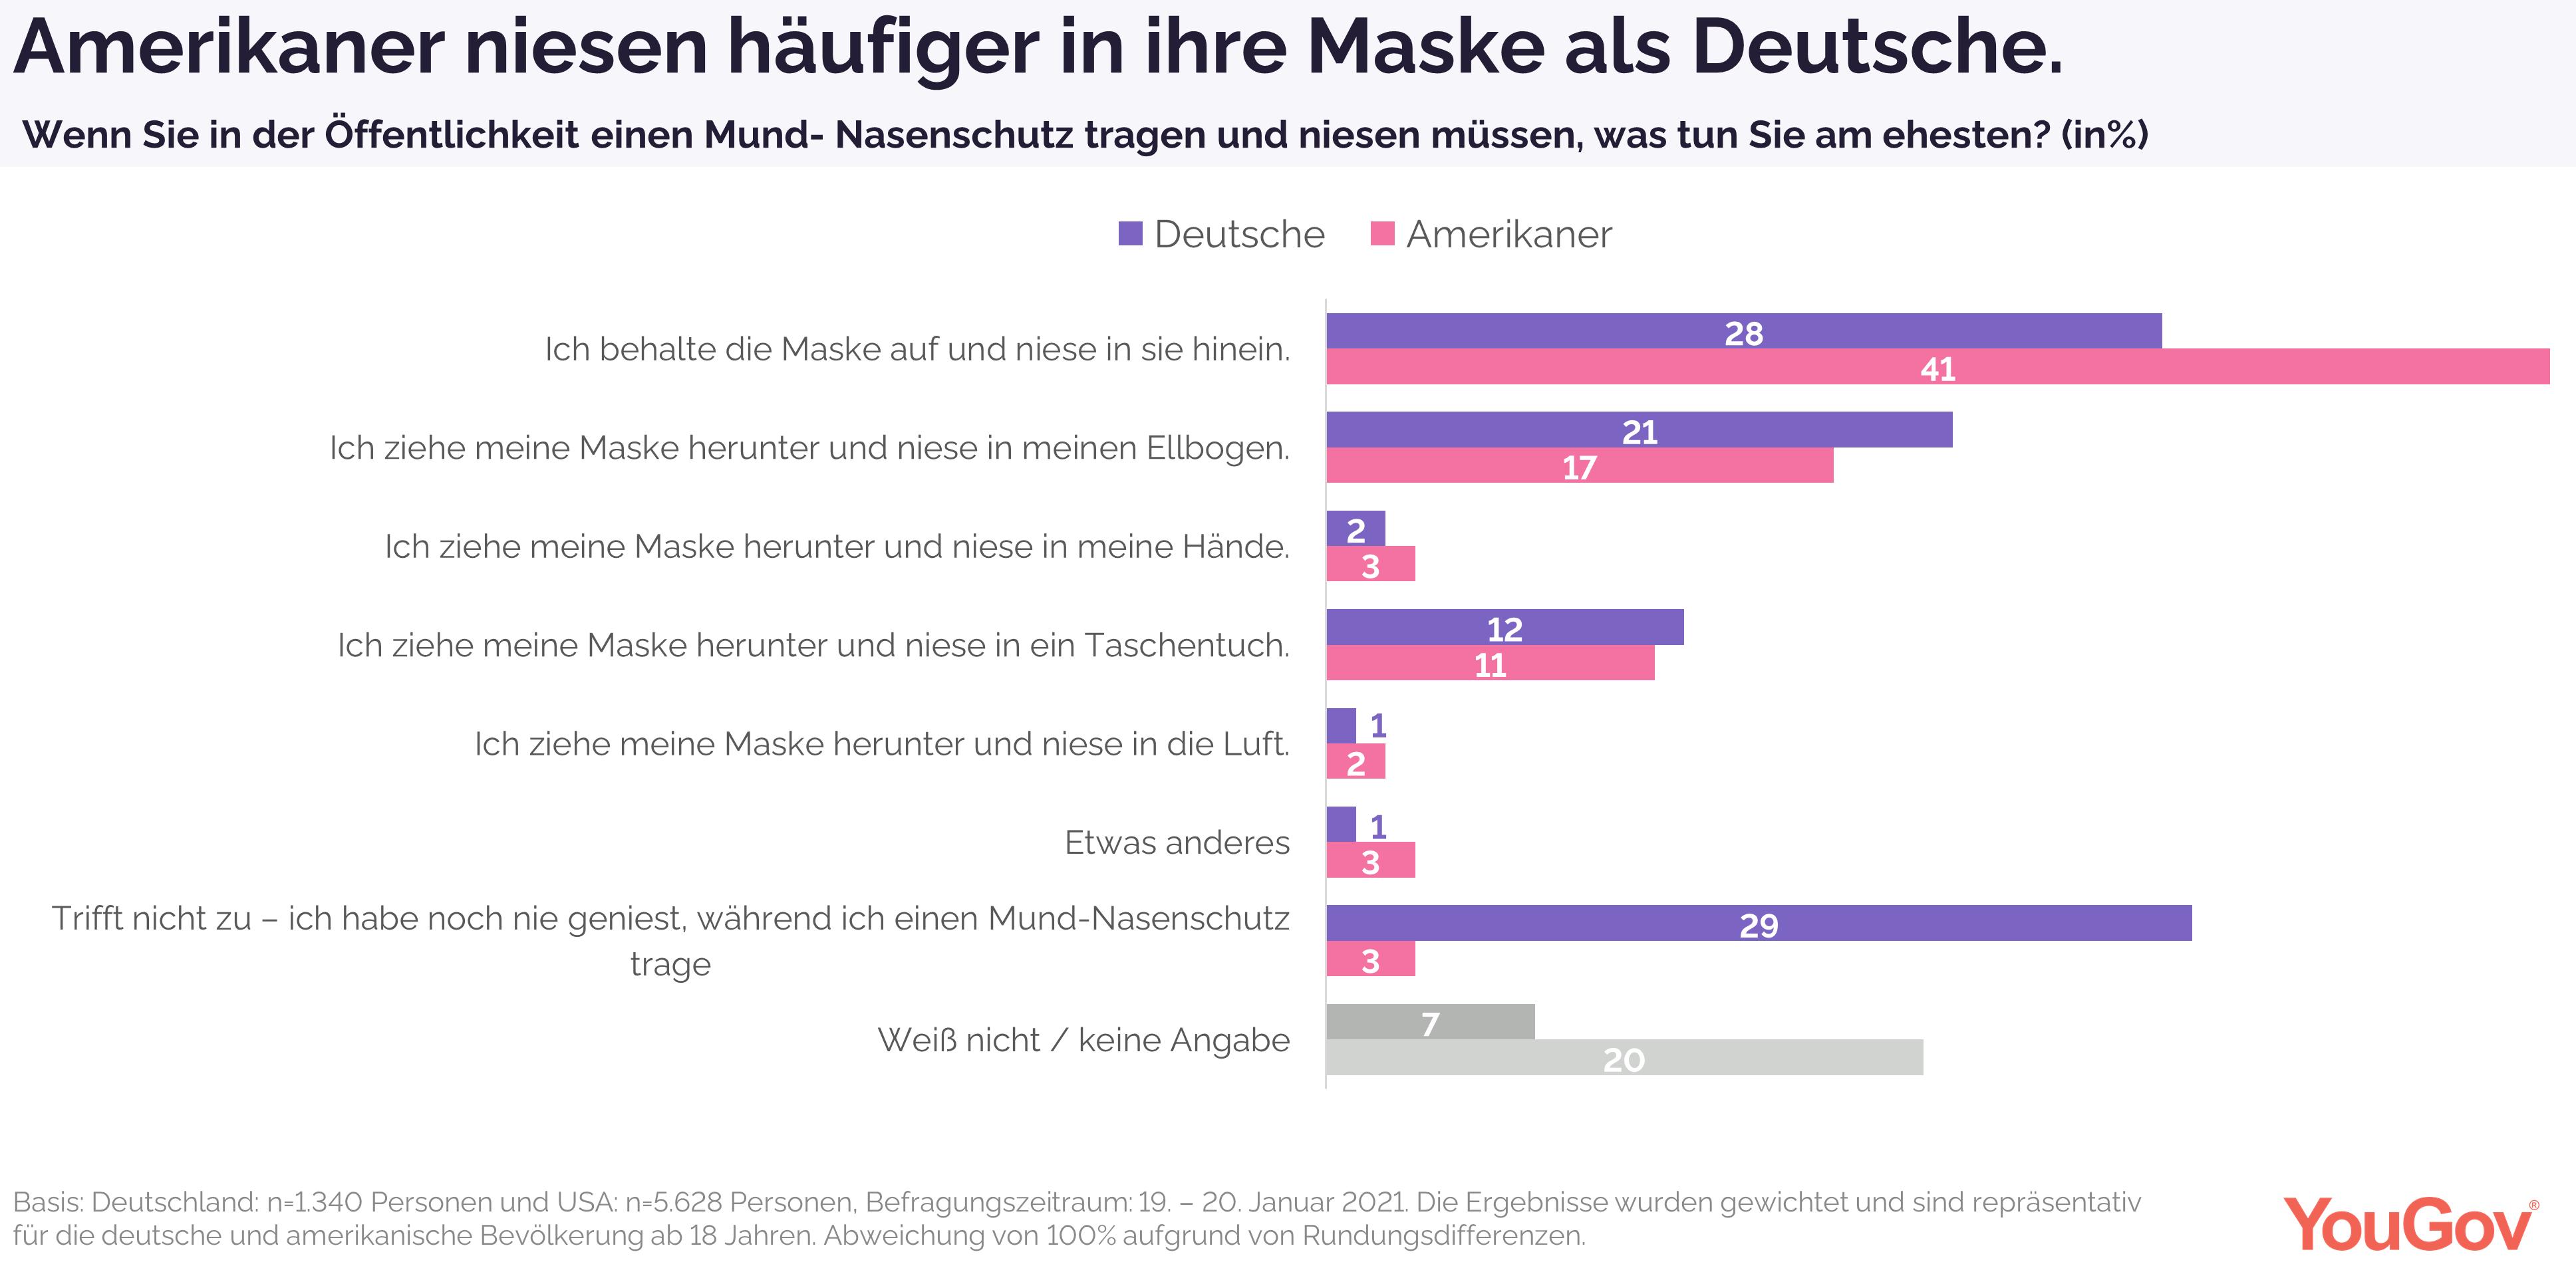 Amerikaner niesen häufiger in ihre Maske als Deutsche.